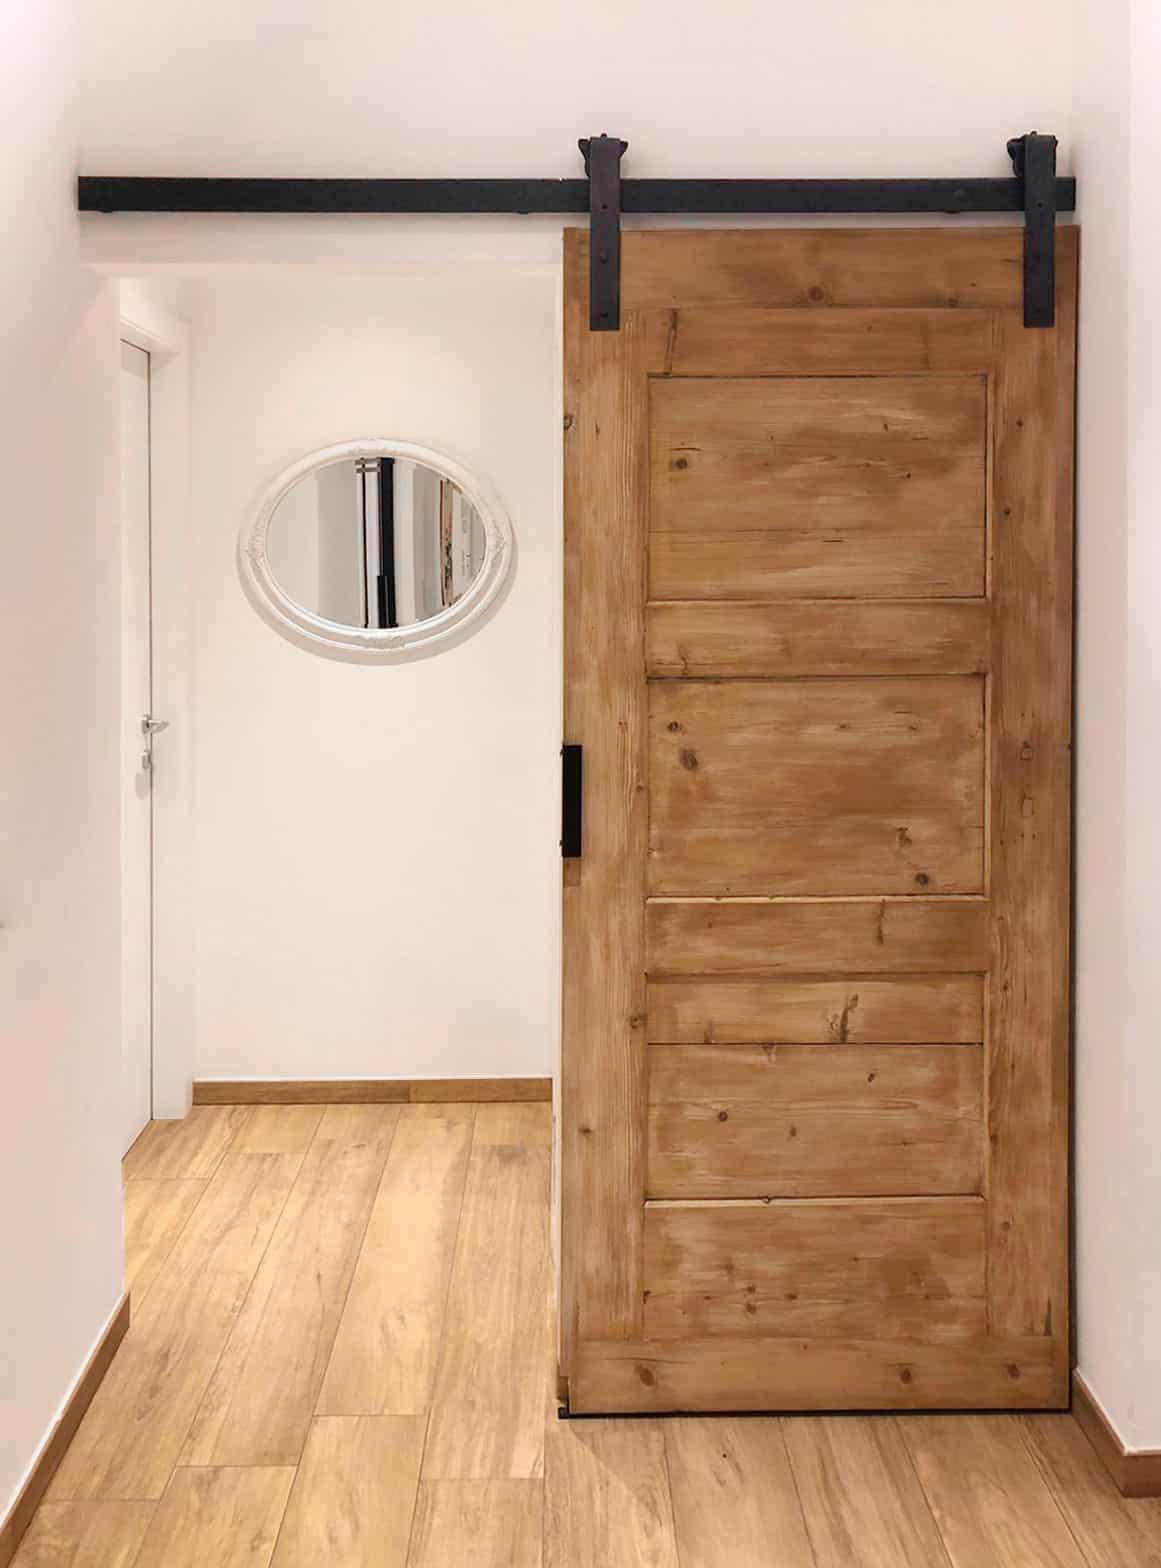 binario-per-porta-scorrevole-le-fabric-casafacile